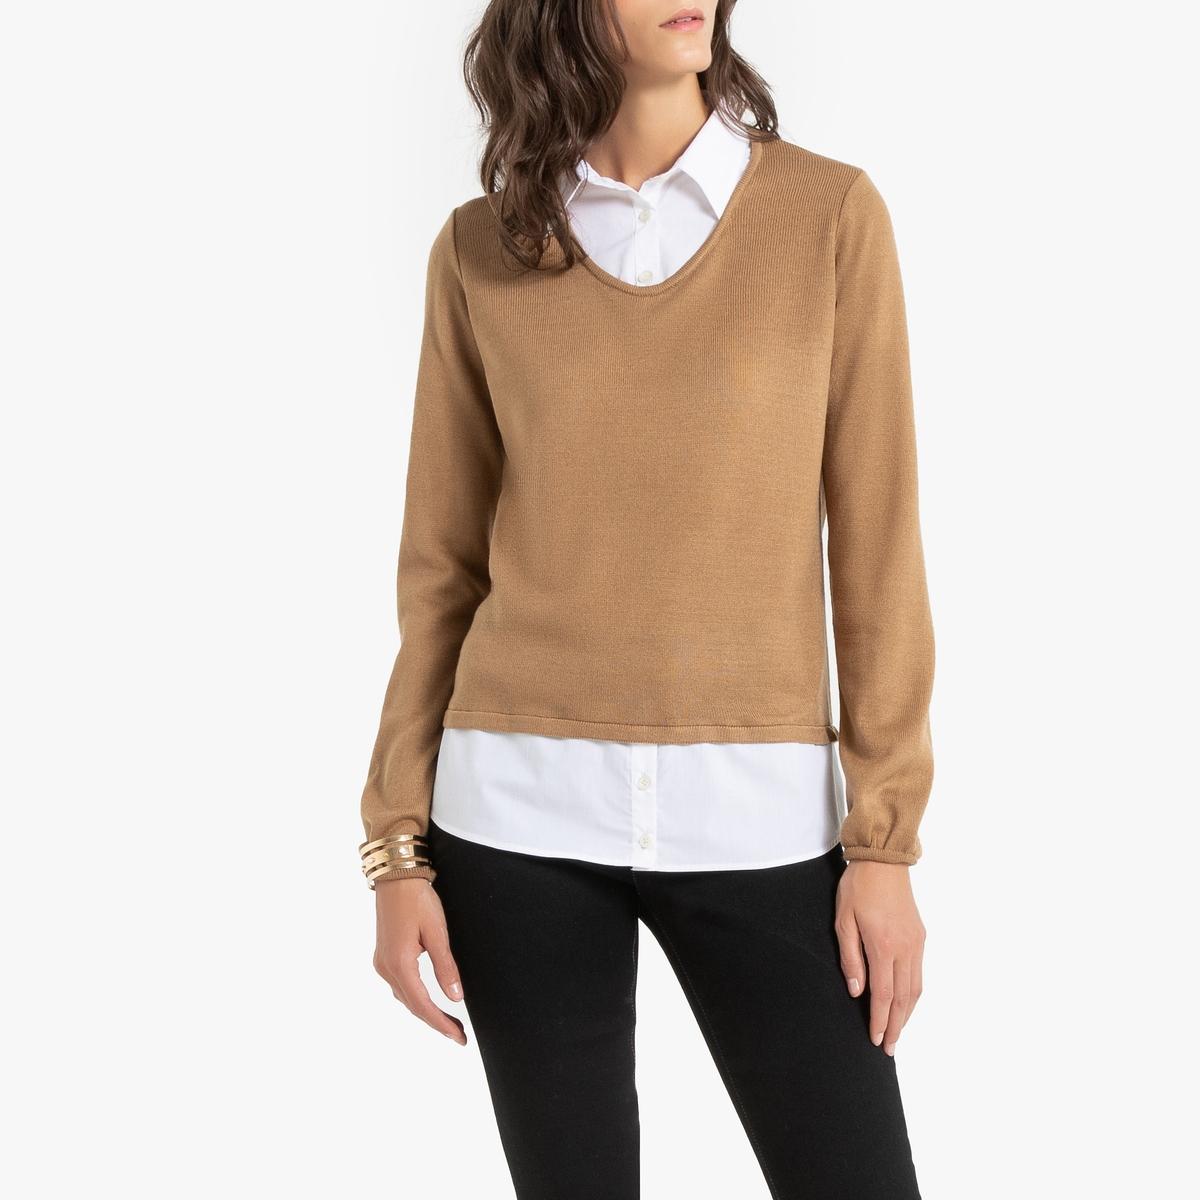 Пуловер La Redoute в рубашка из тонкого трикотажа 34/36 (FR) - 40/42 (RUS) каштановый пуловер la redoute с тунисским вырезом из тонкого трикотажа 34 36 fr 40 42 rus каштановый